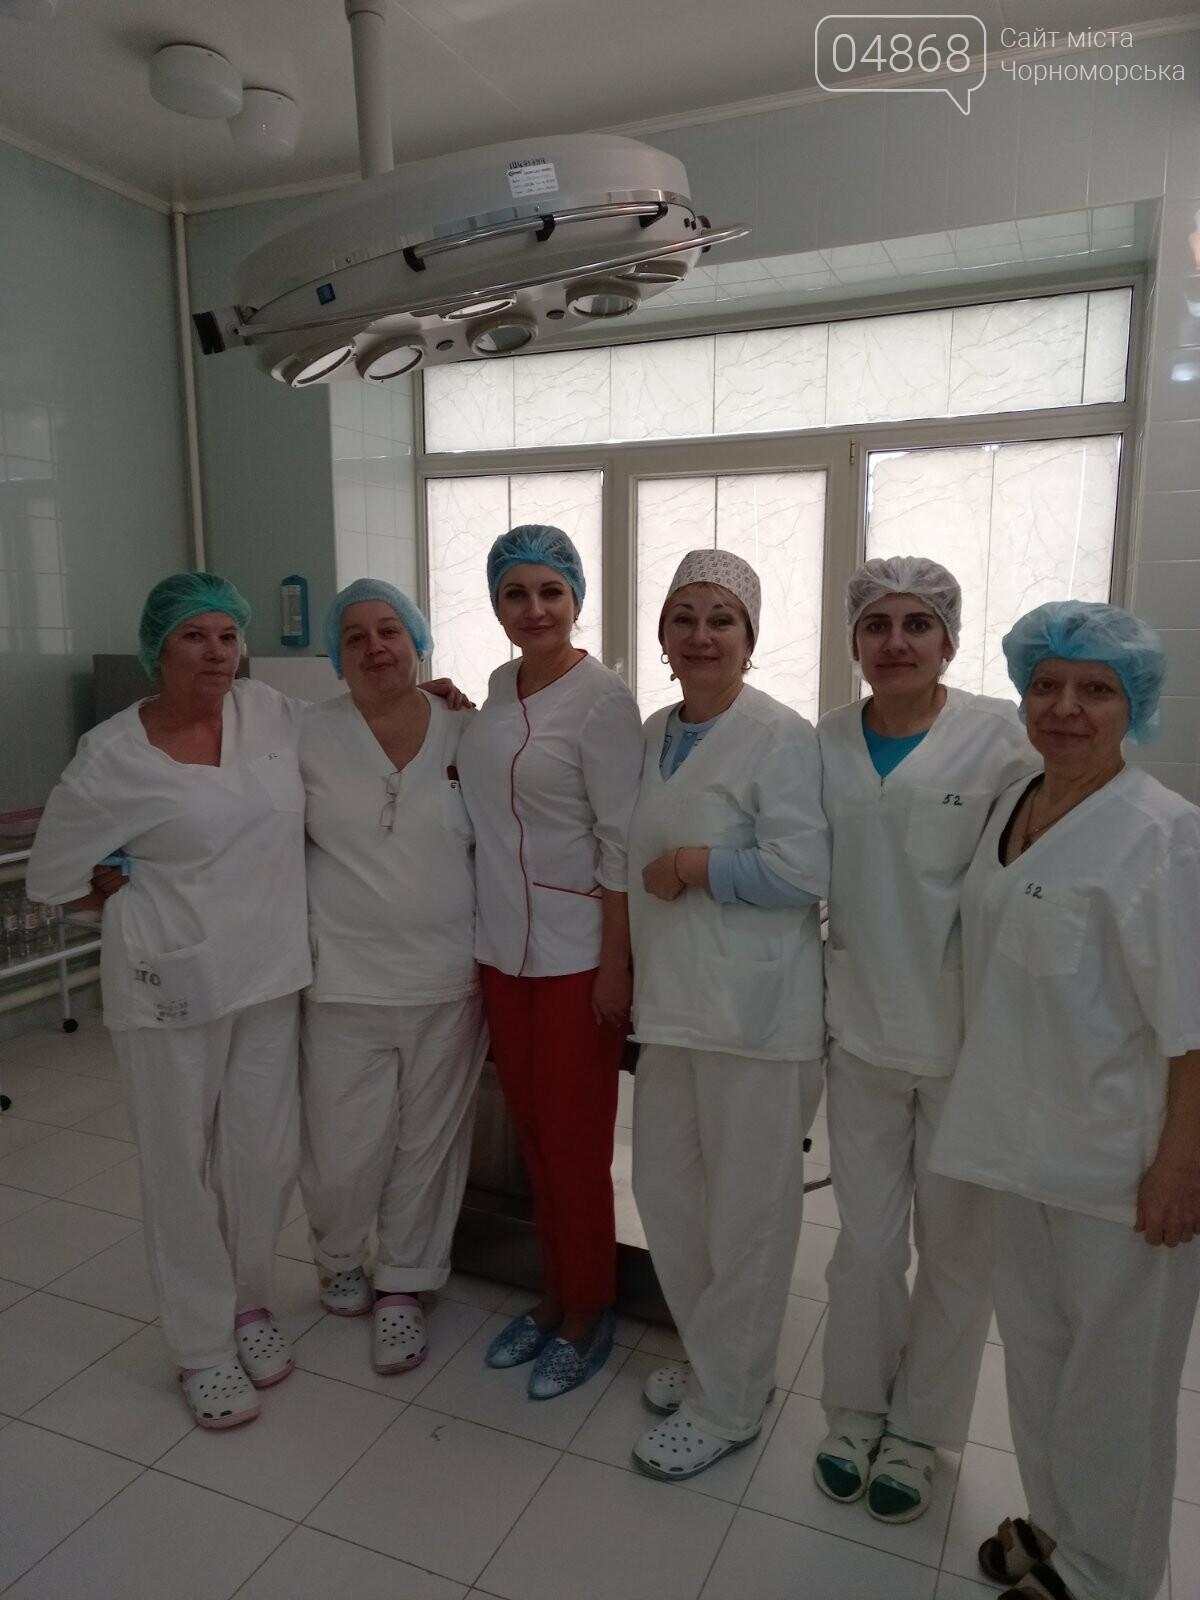 «Сестра, скальпель»: профессиональный праздник отмечают операционные медицинские сестры, фото-1